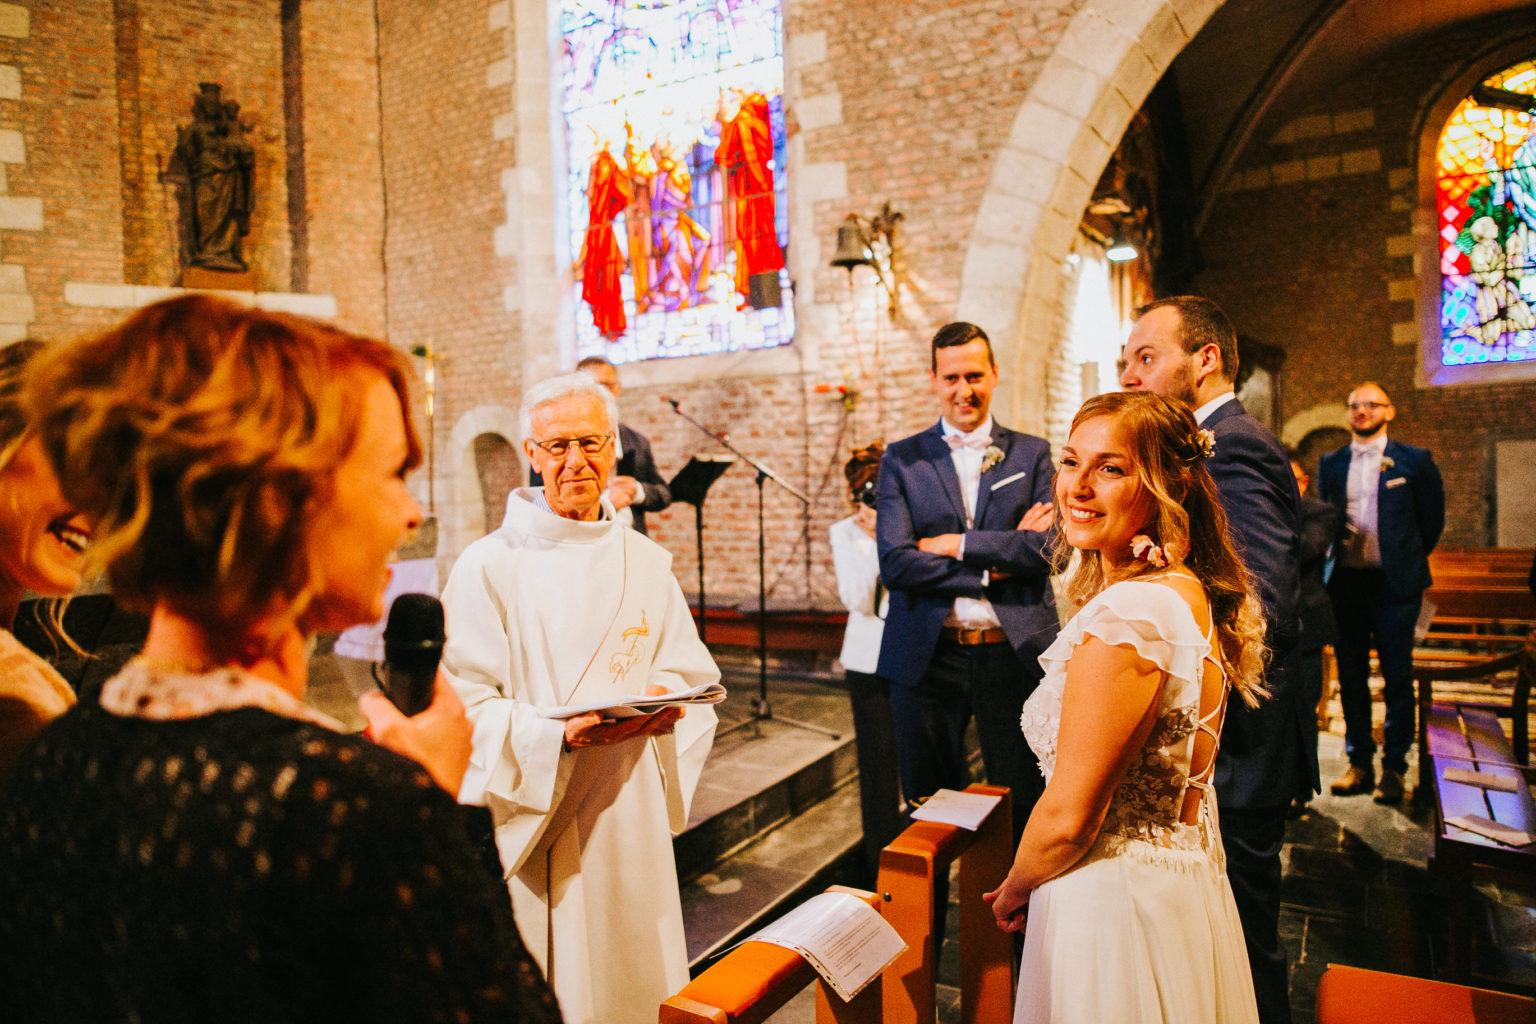 mariage bohème chateau aubry du hainaut 32